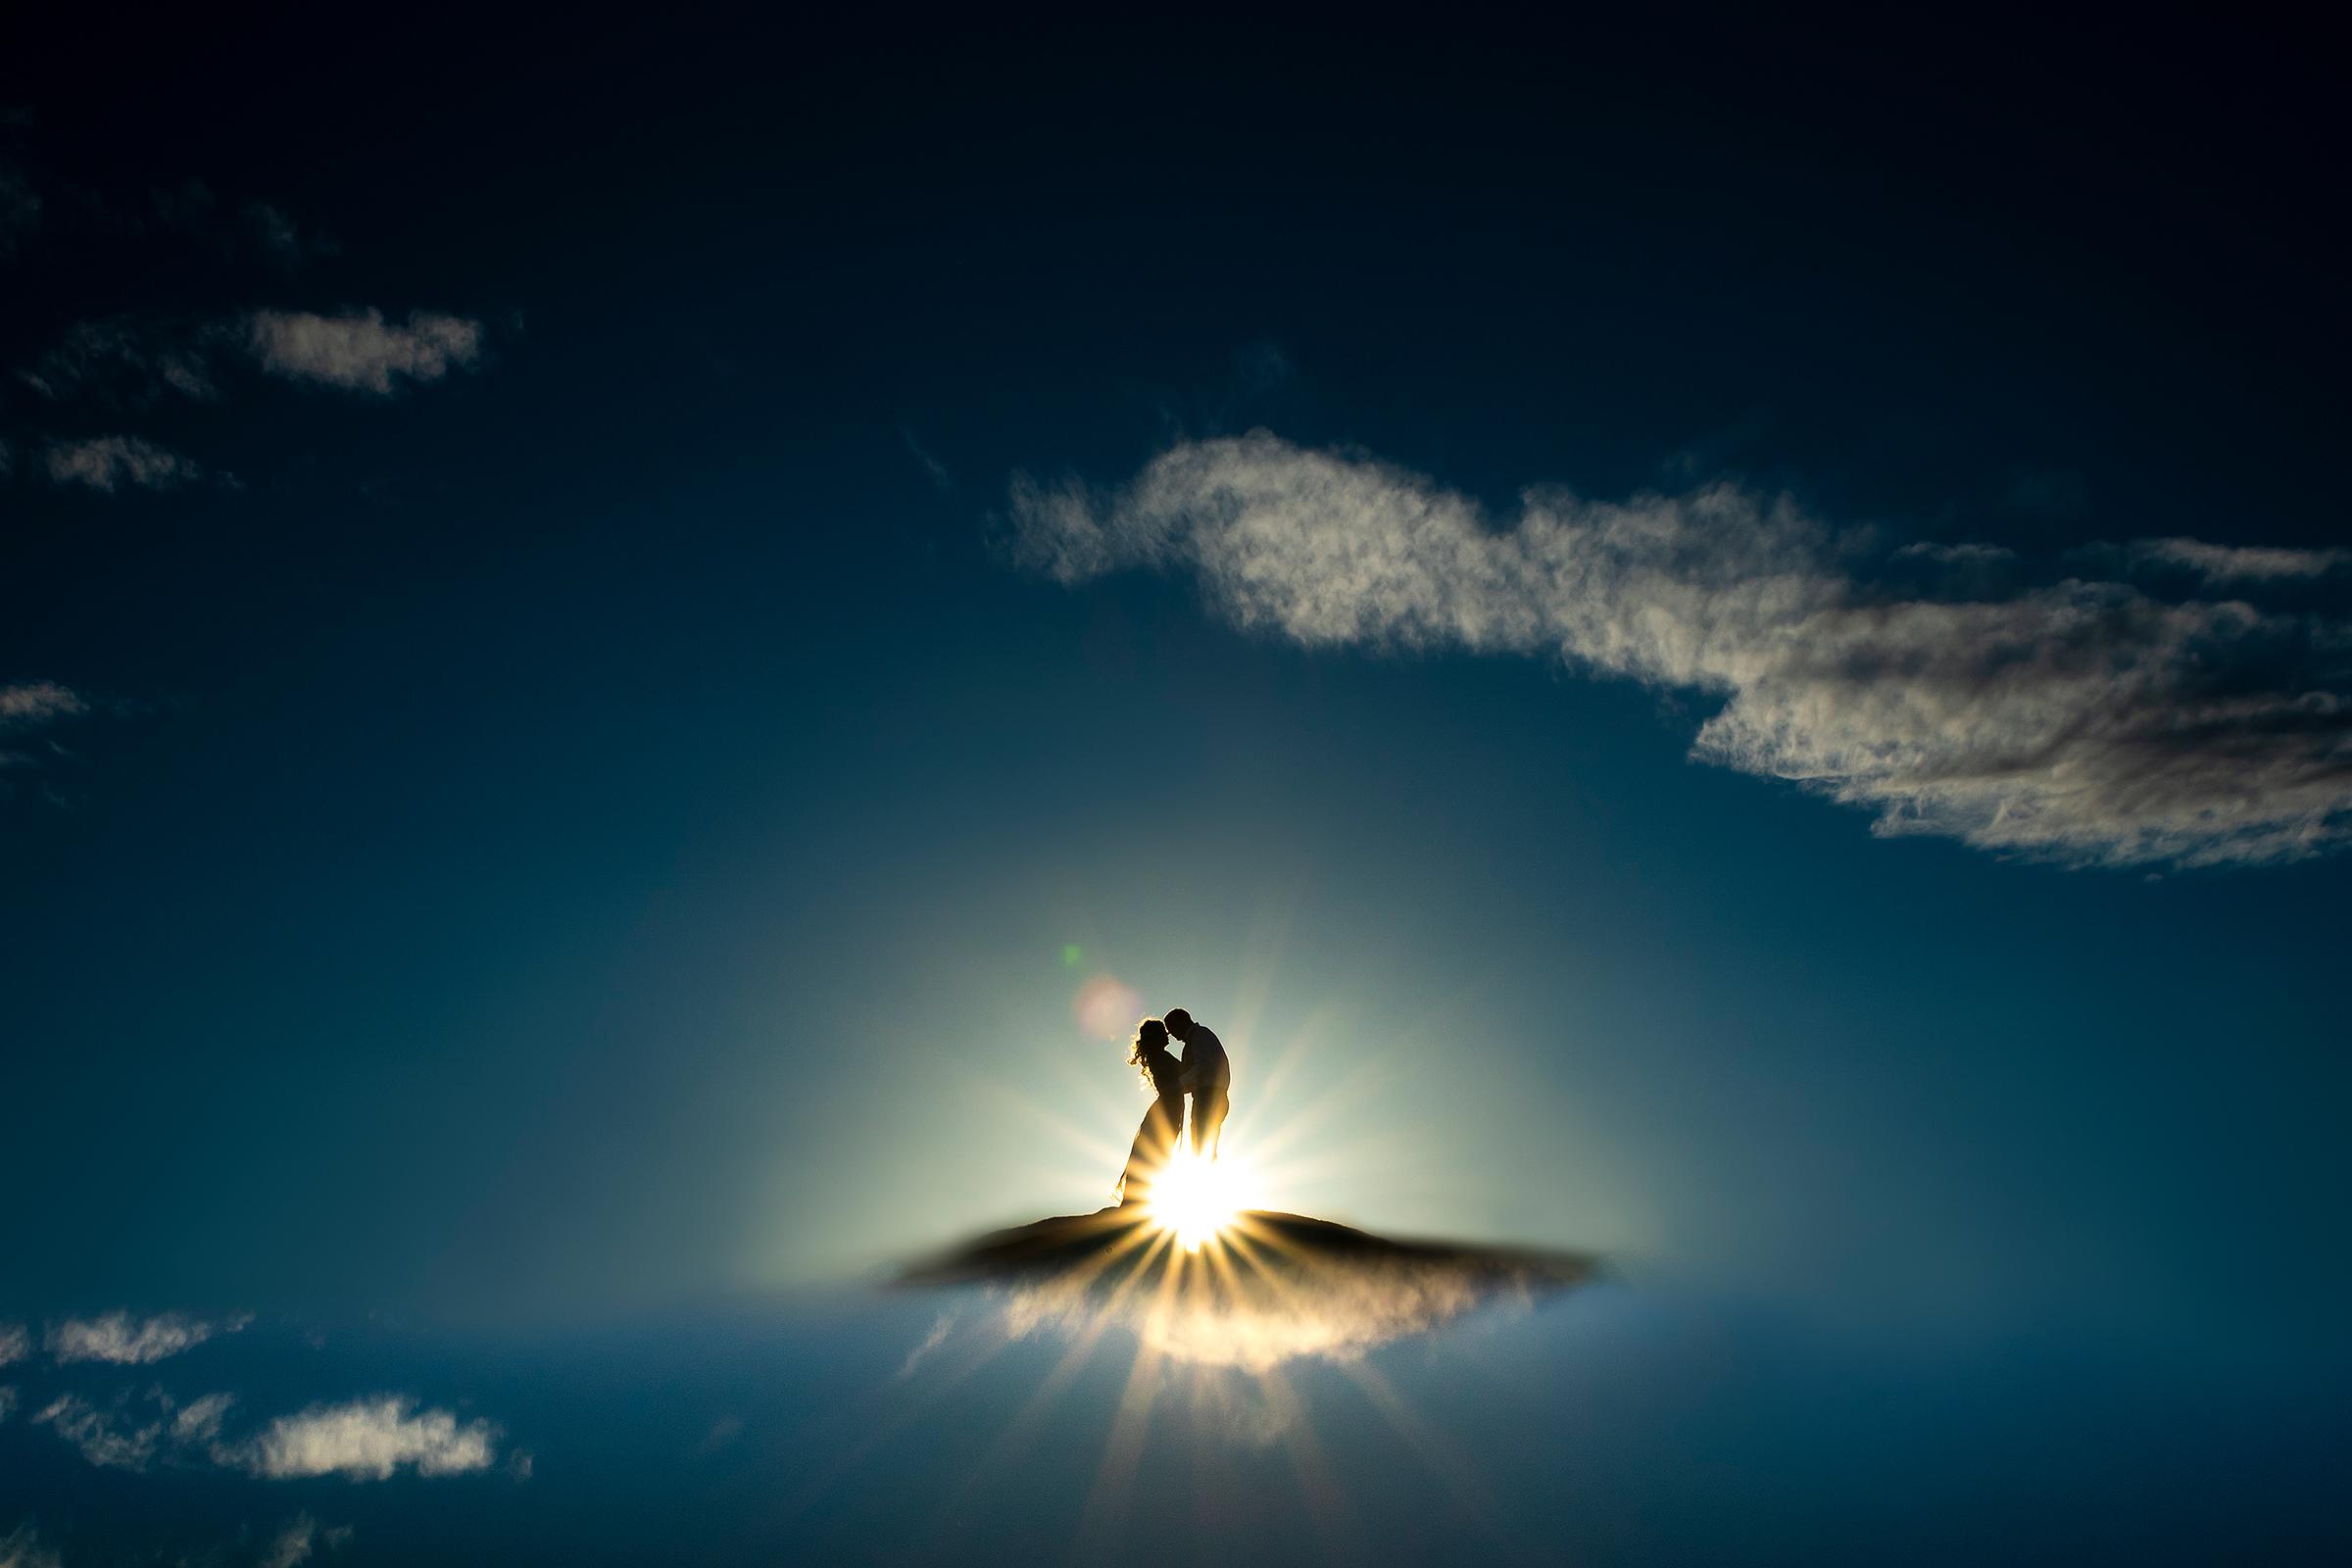 silhouette-couple-on-cloud-9-photo-by-j-la-plante-photo